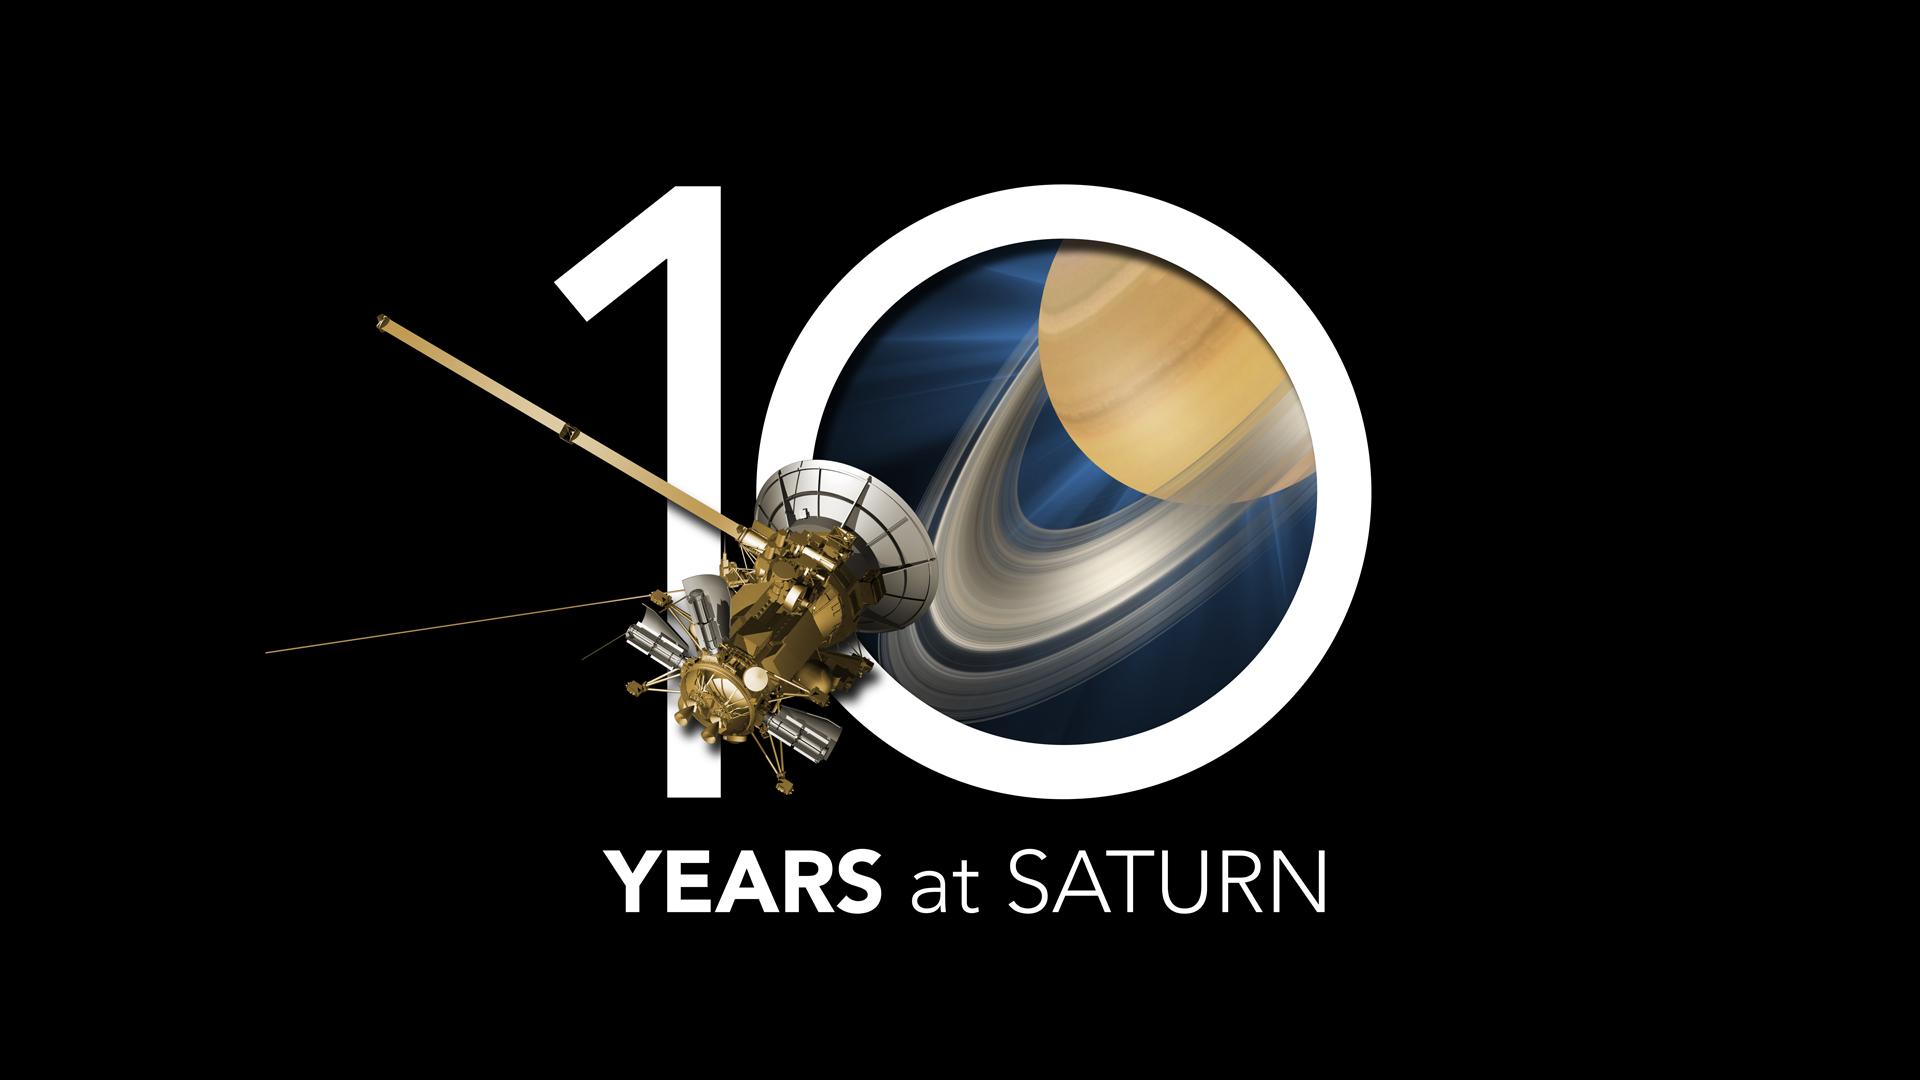 Cassini Spacecraft Celebrates a Decade of Exploring Saturn ...